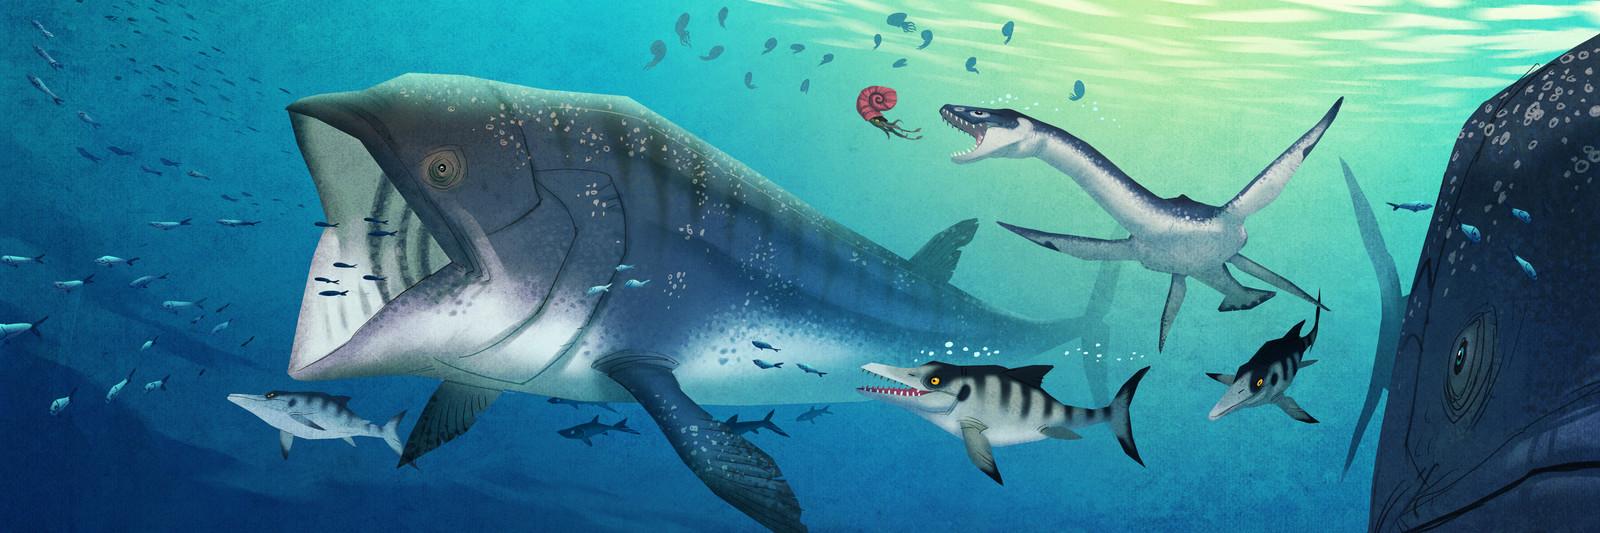 johan-egerkrans-mesozoiska-havet